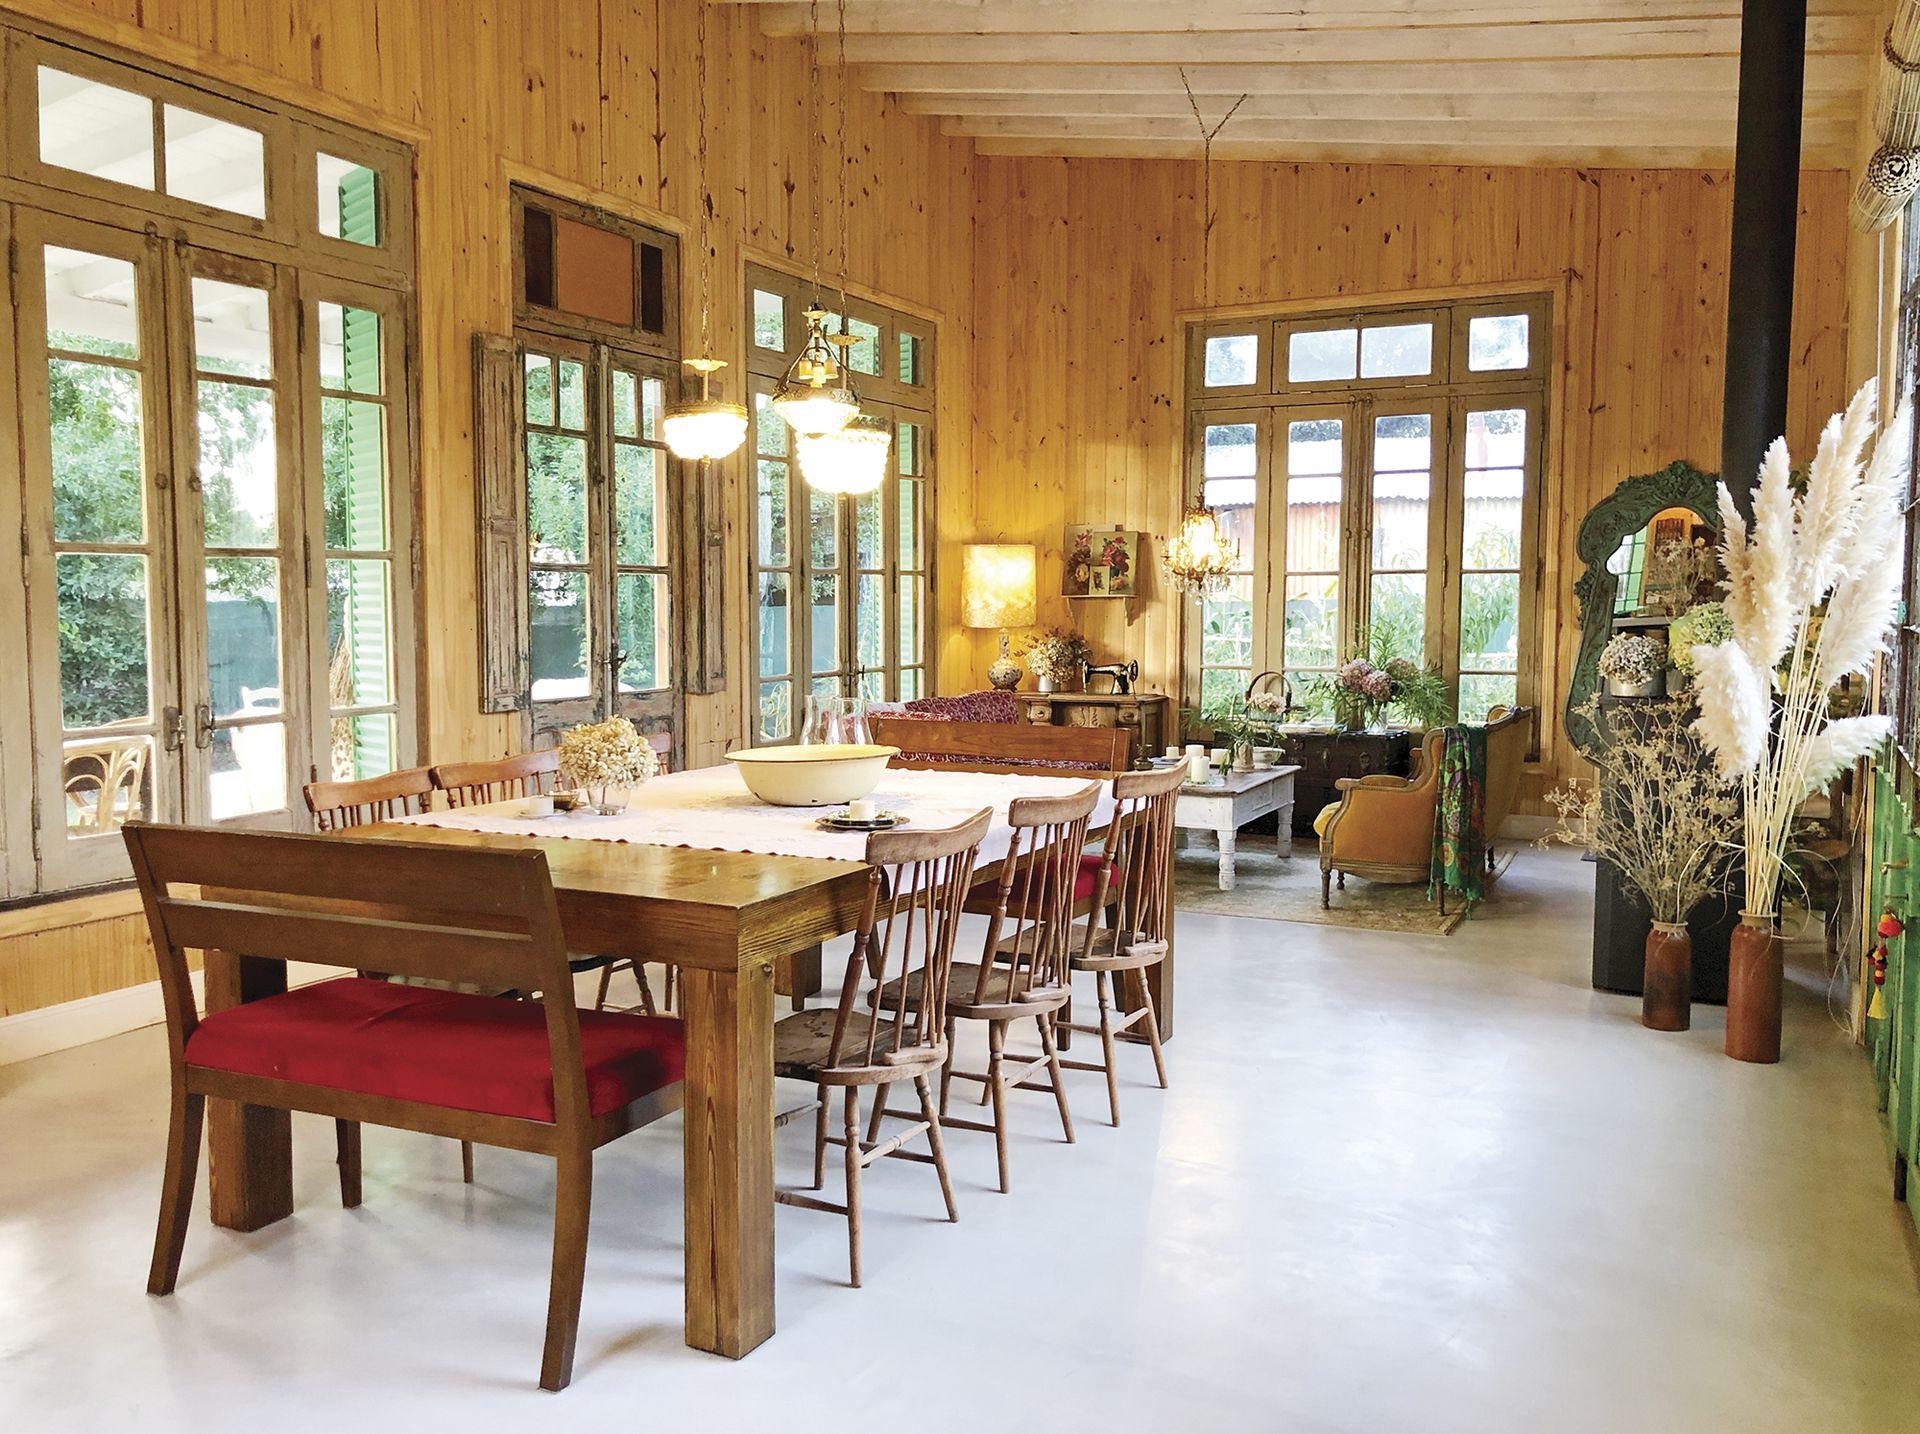 El piso claro y continuo, la transparencia y la altura les dan un marco alegre a muebles de distinto origen y un fin común: crear una atmósfera de casa como de abuela, de campo, que pareciera original.